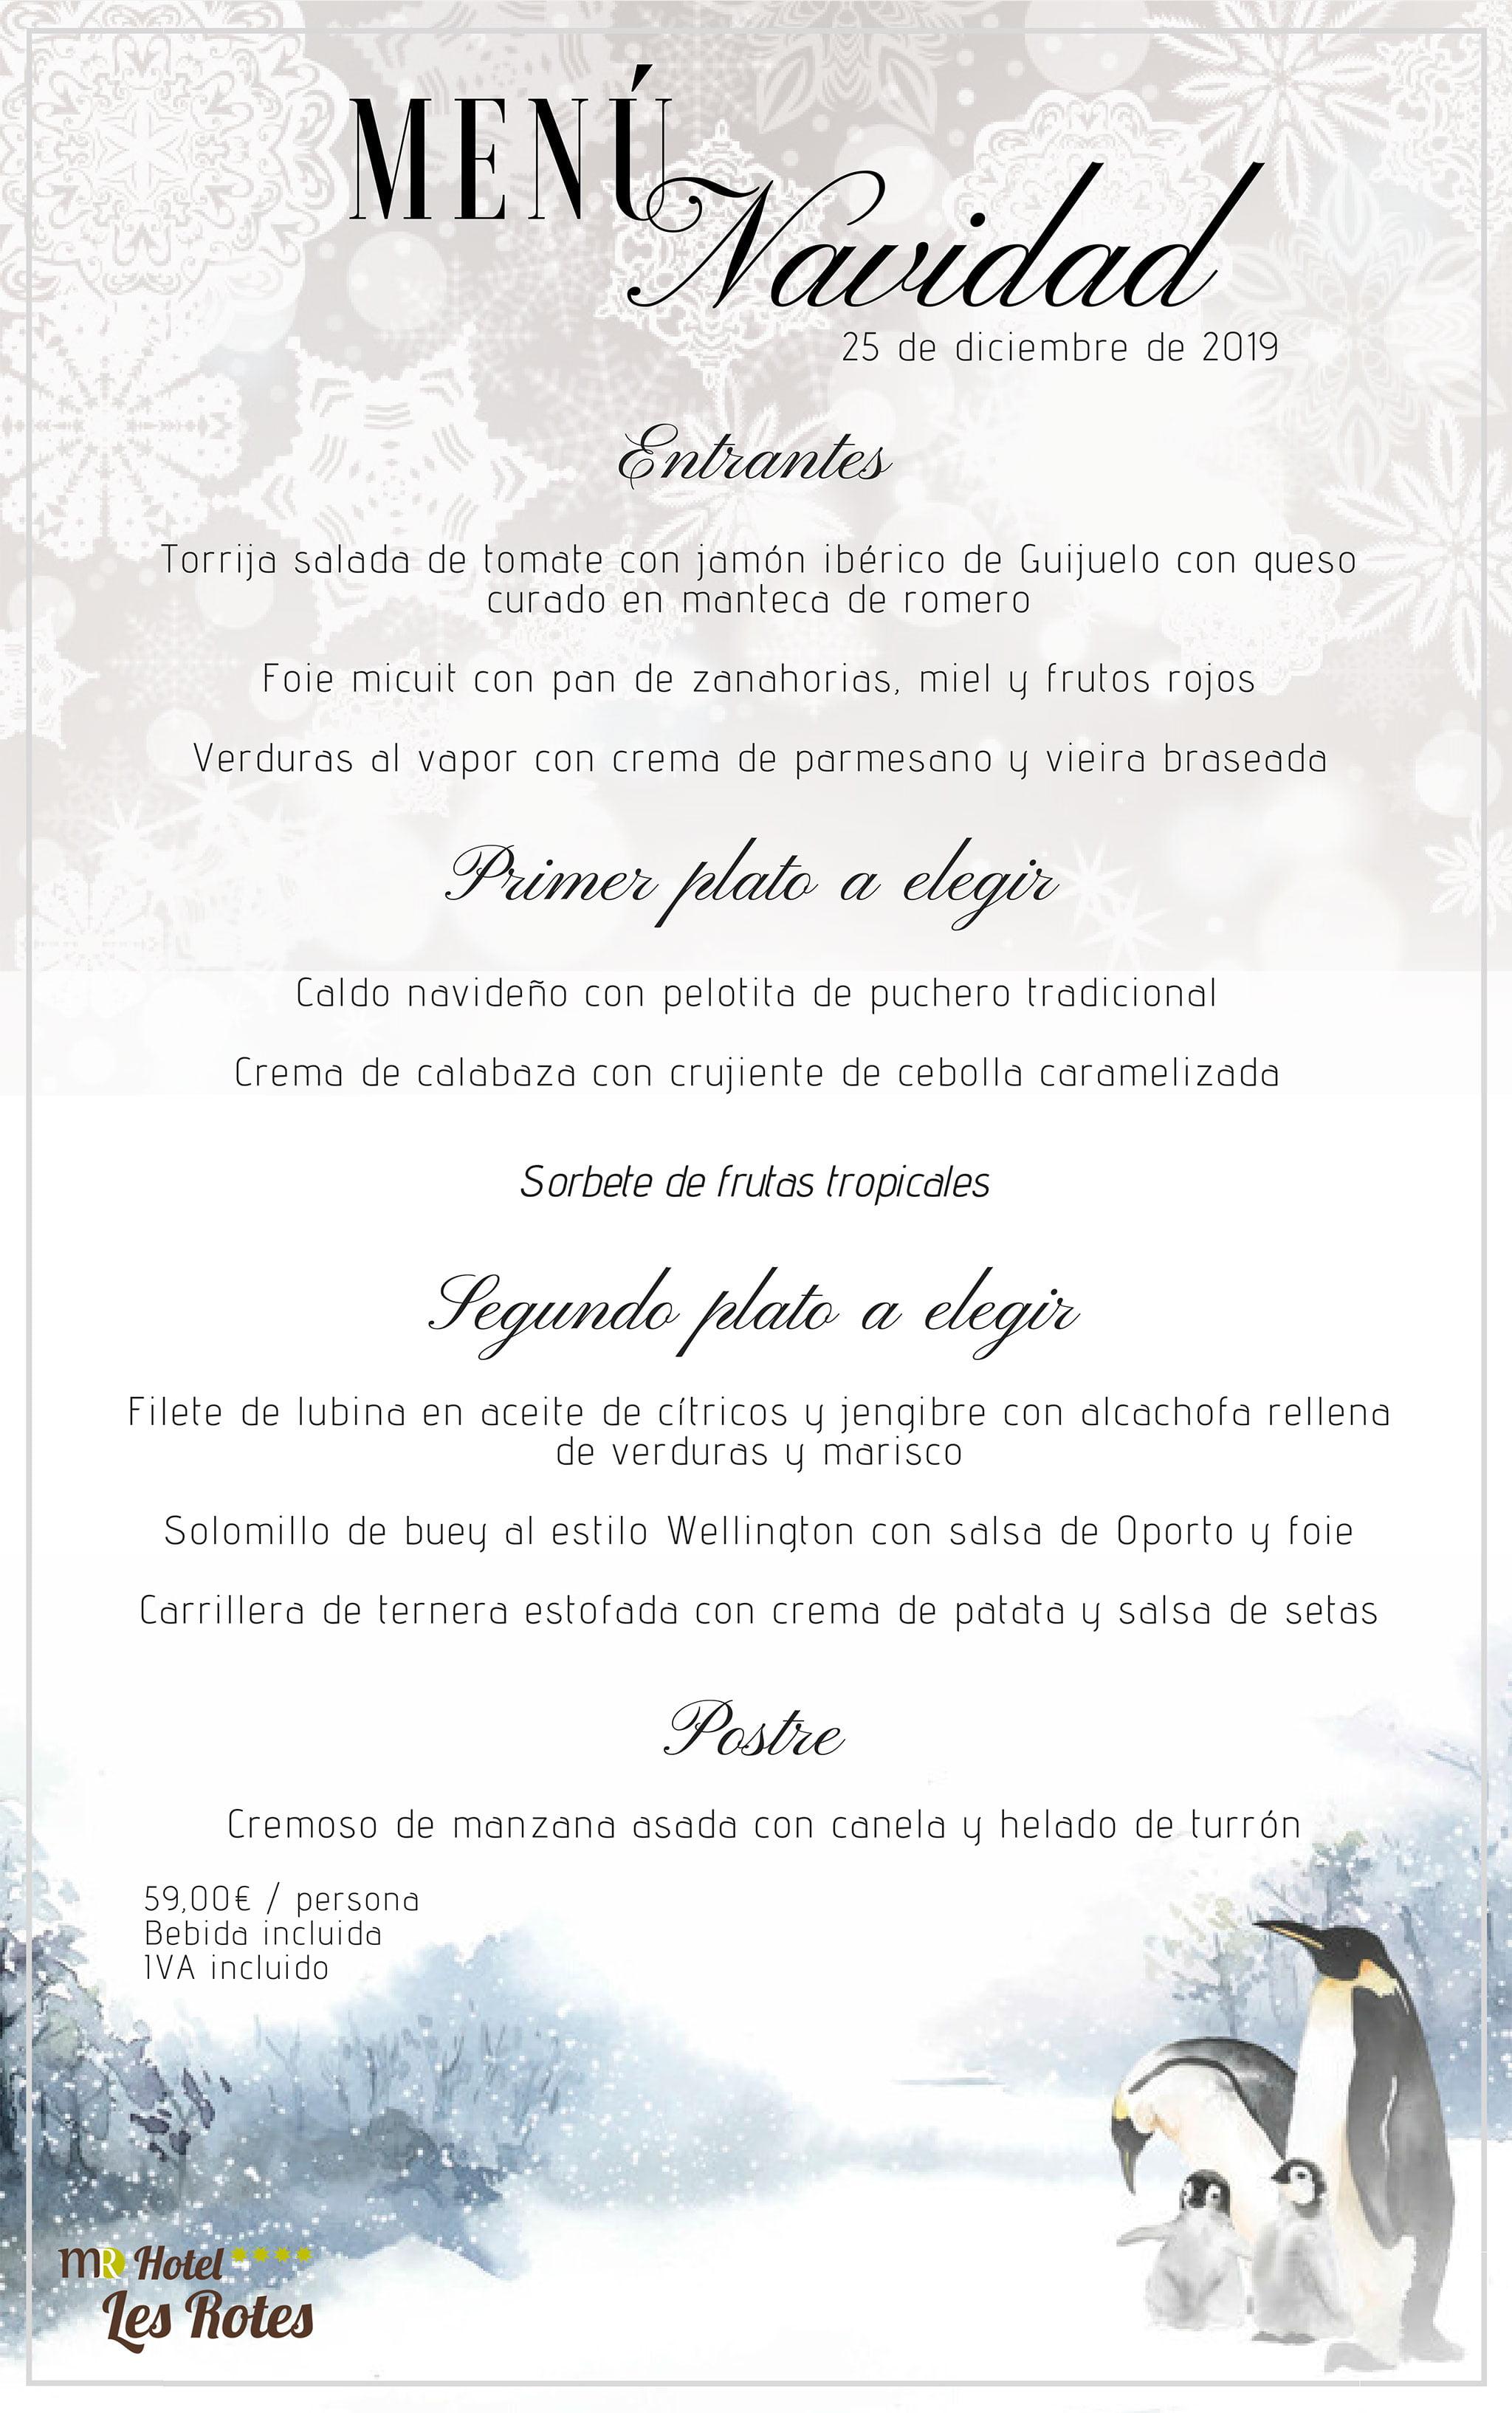 Menú per al Dia de Nadal - Hotel Les Rotes